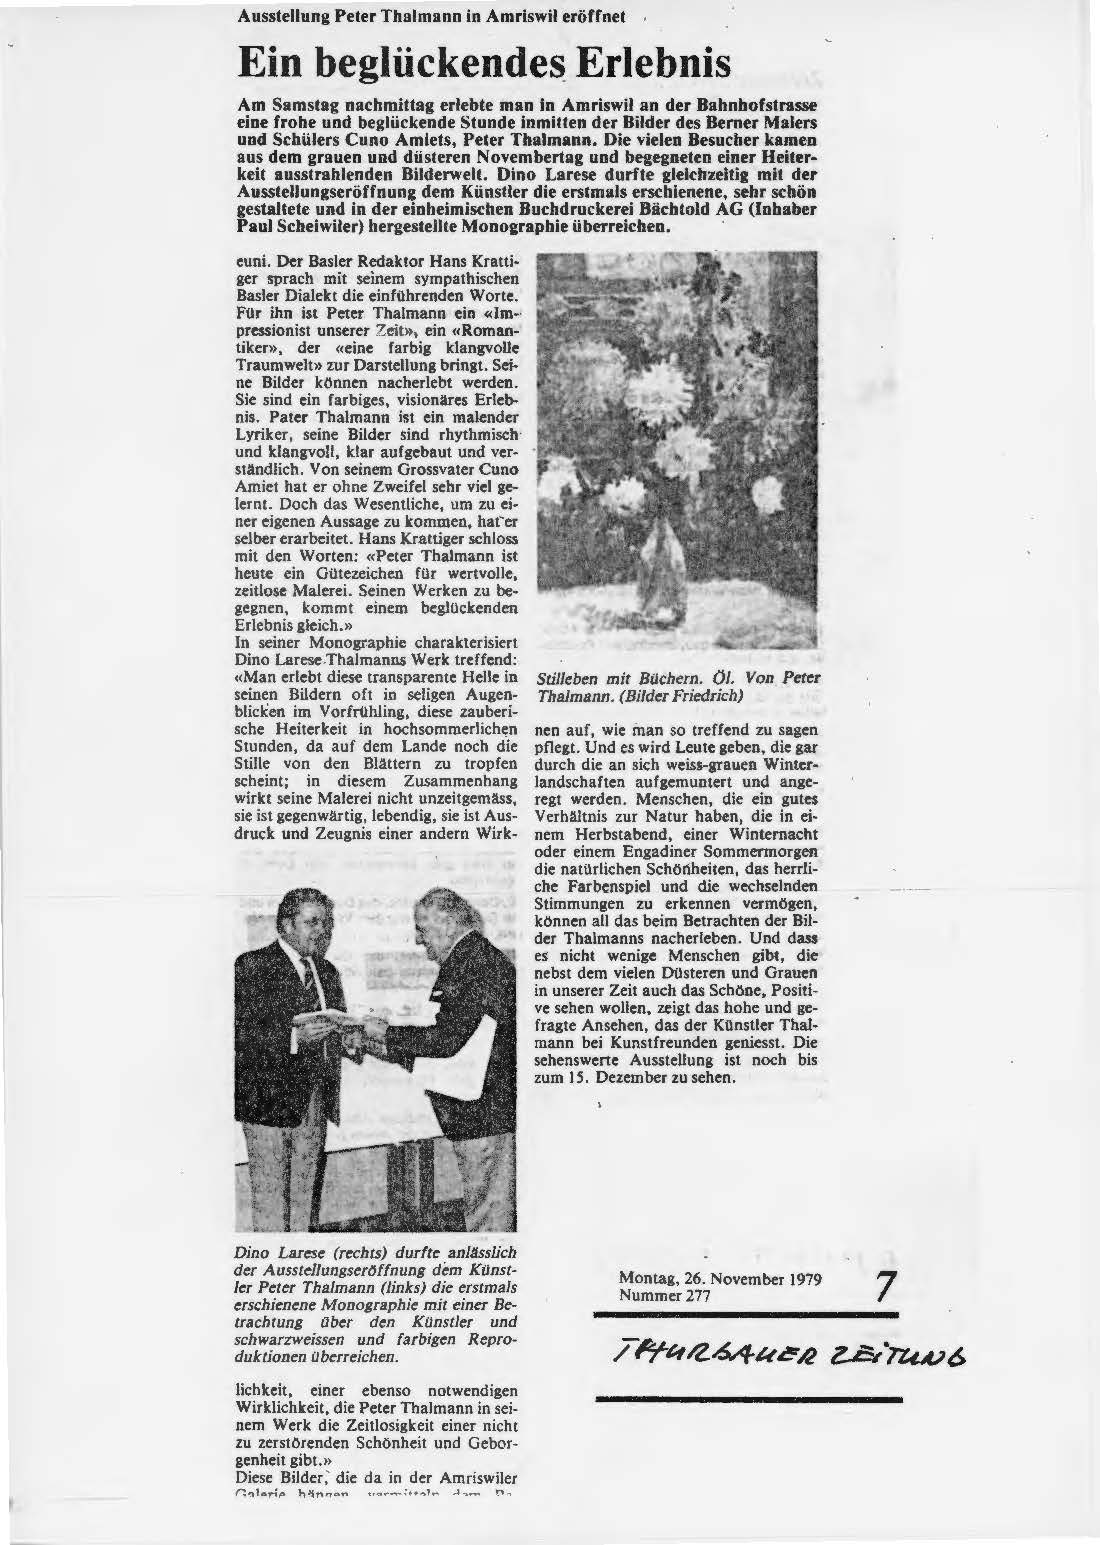 1979, Galerie 19 Amriswil: Zeitungsbericht